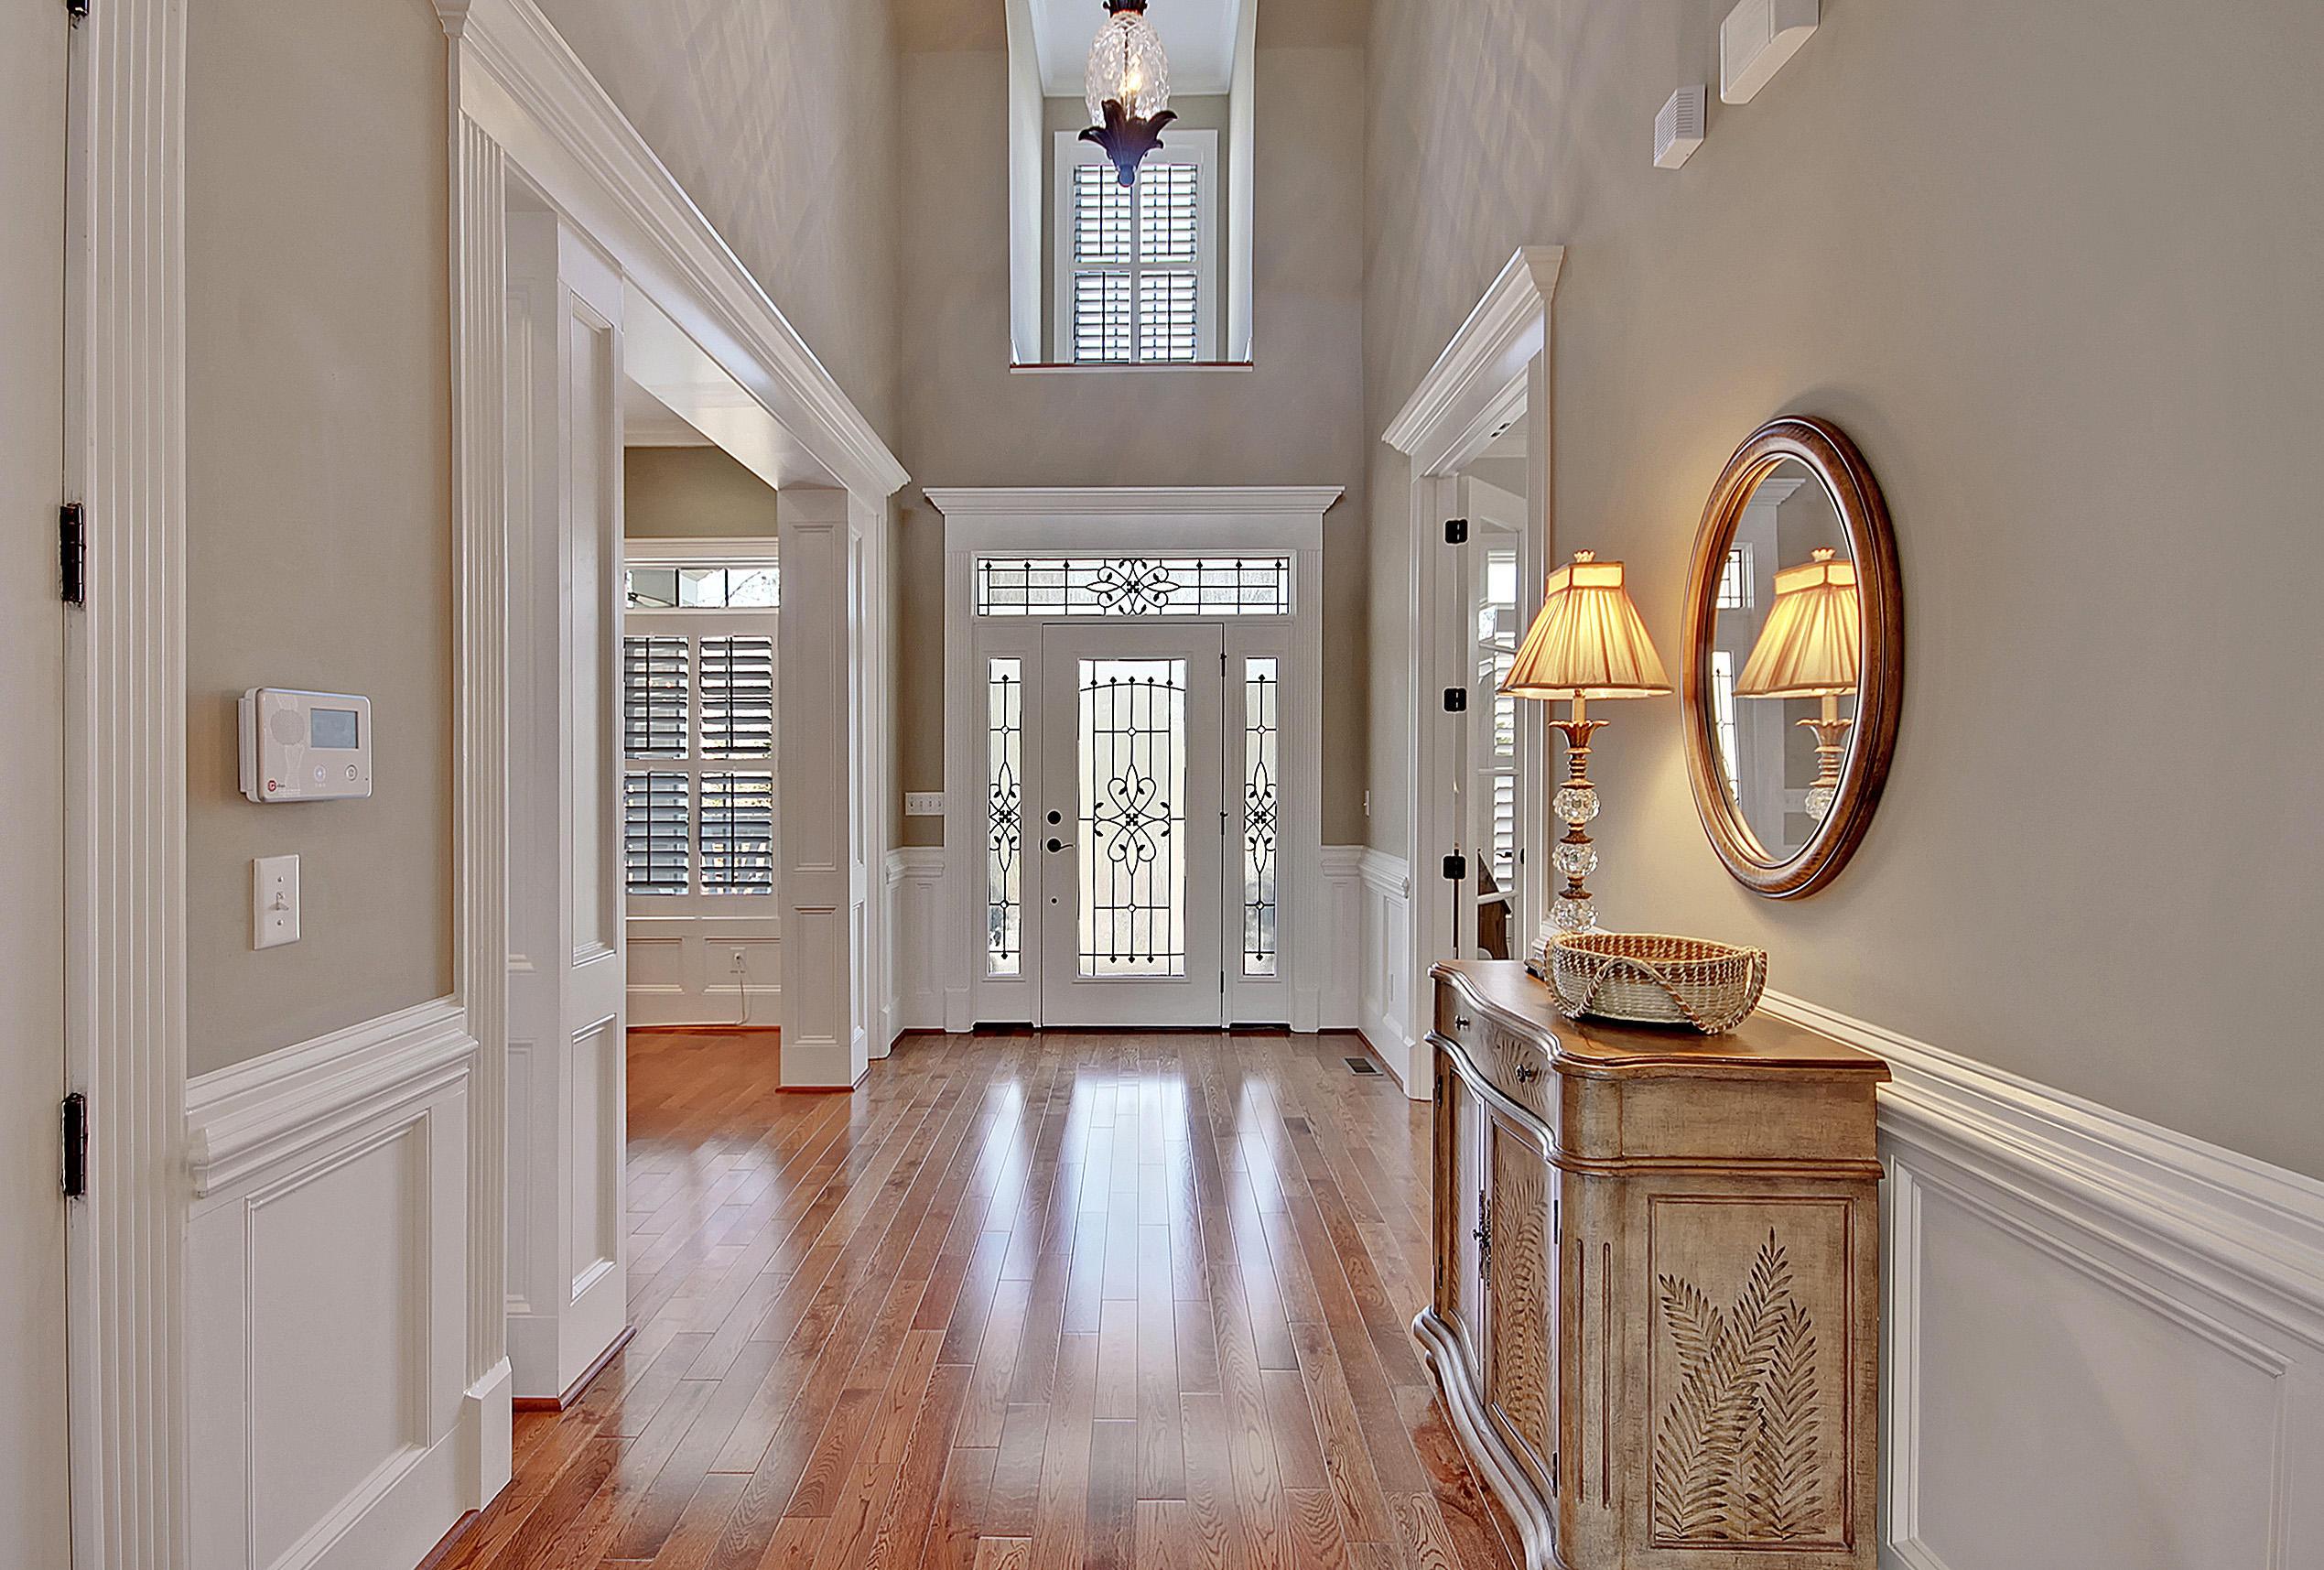 Dunes West Homes For Sale - 2721 Fountainhead, Mount Pleasant, SC - 14